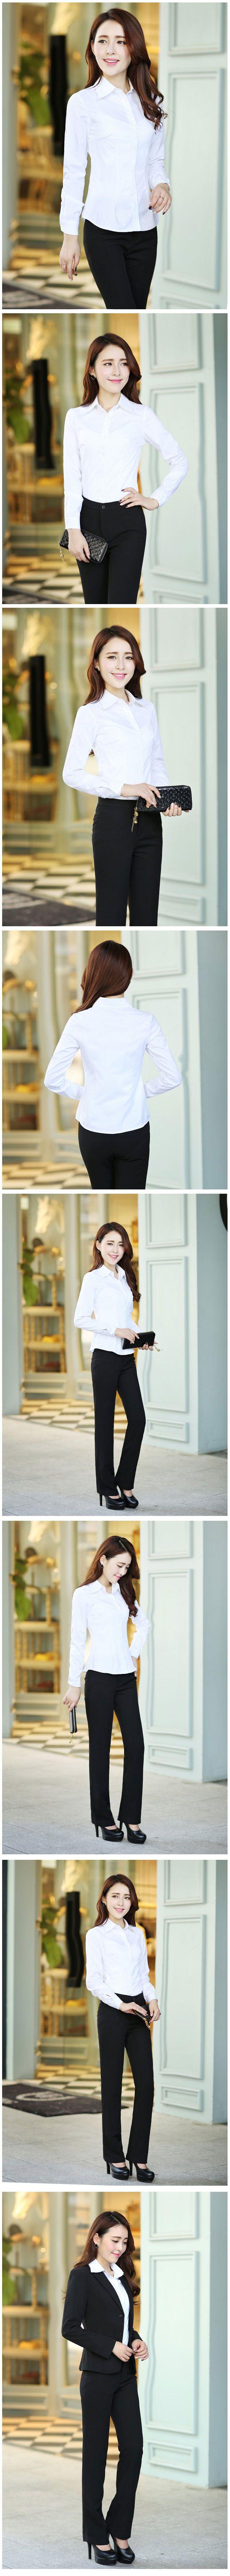 长袖女衬衫M-04白色效果图